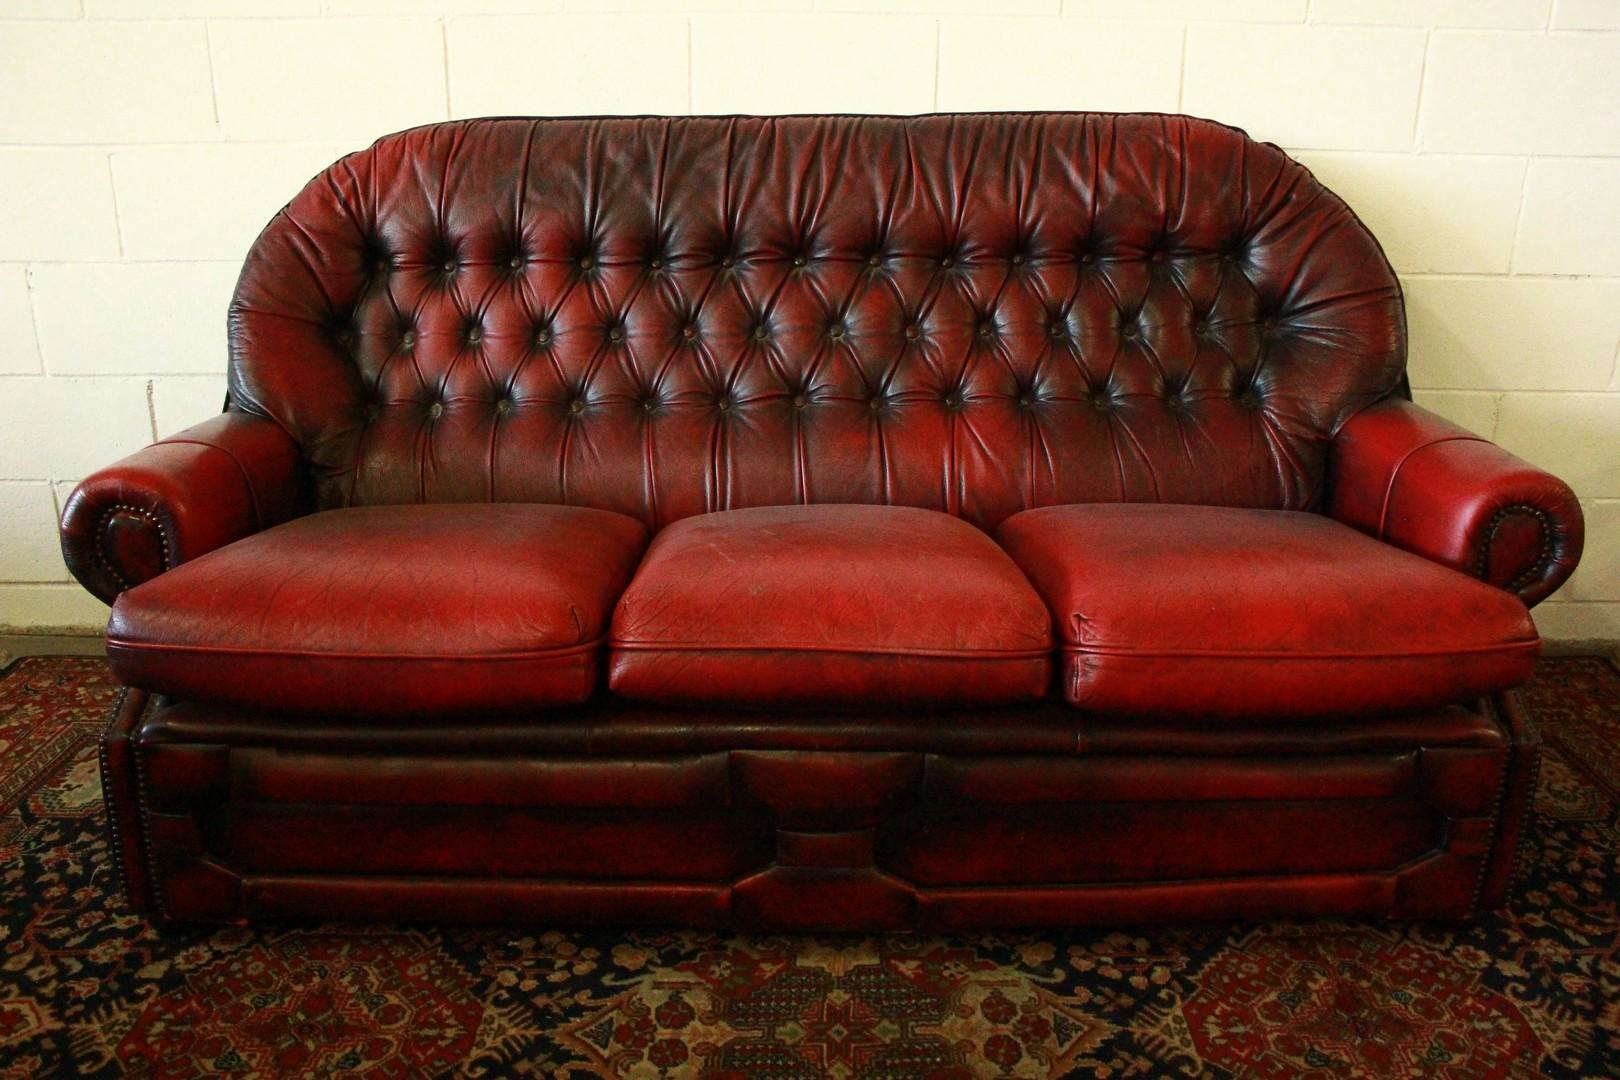 Divano chesterfield chester inglese 3 posti colore for Divano in inglese